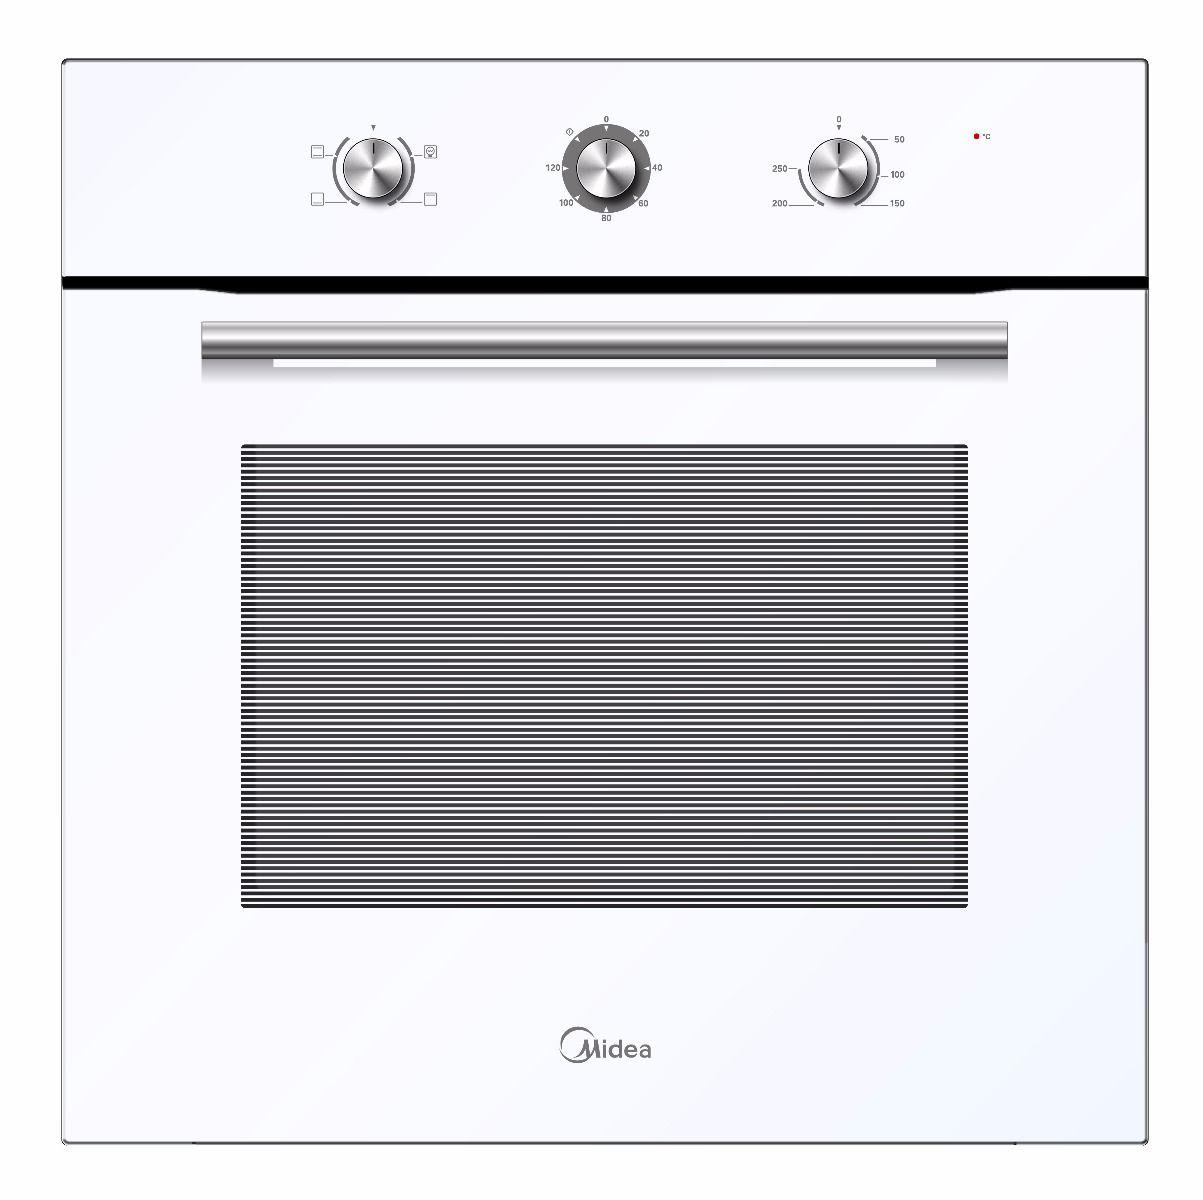 Духовой шкаф MIDEA MO23000GW